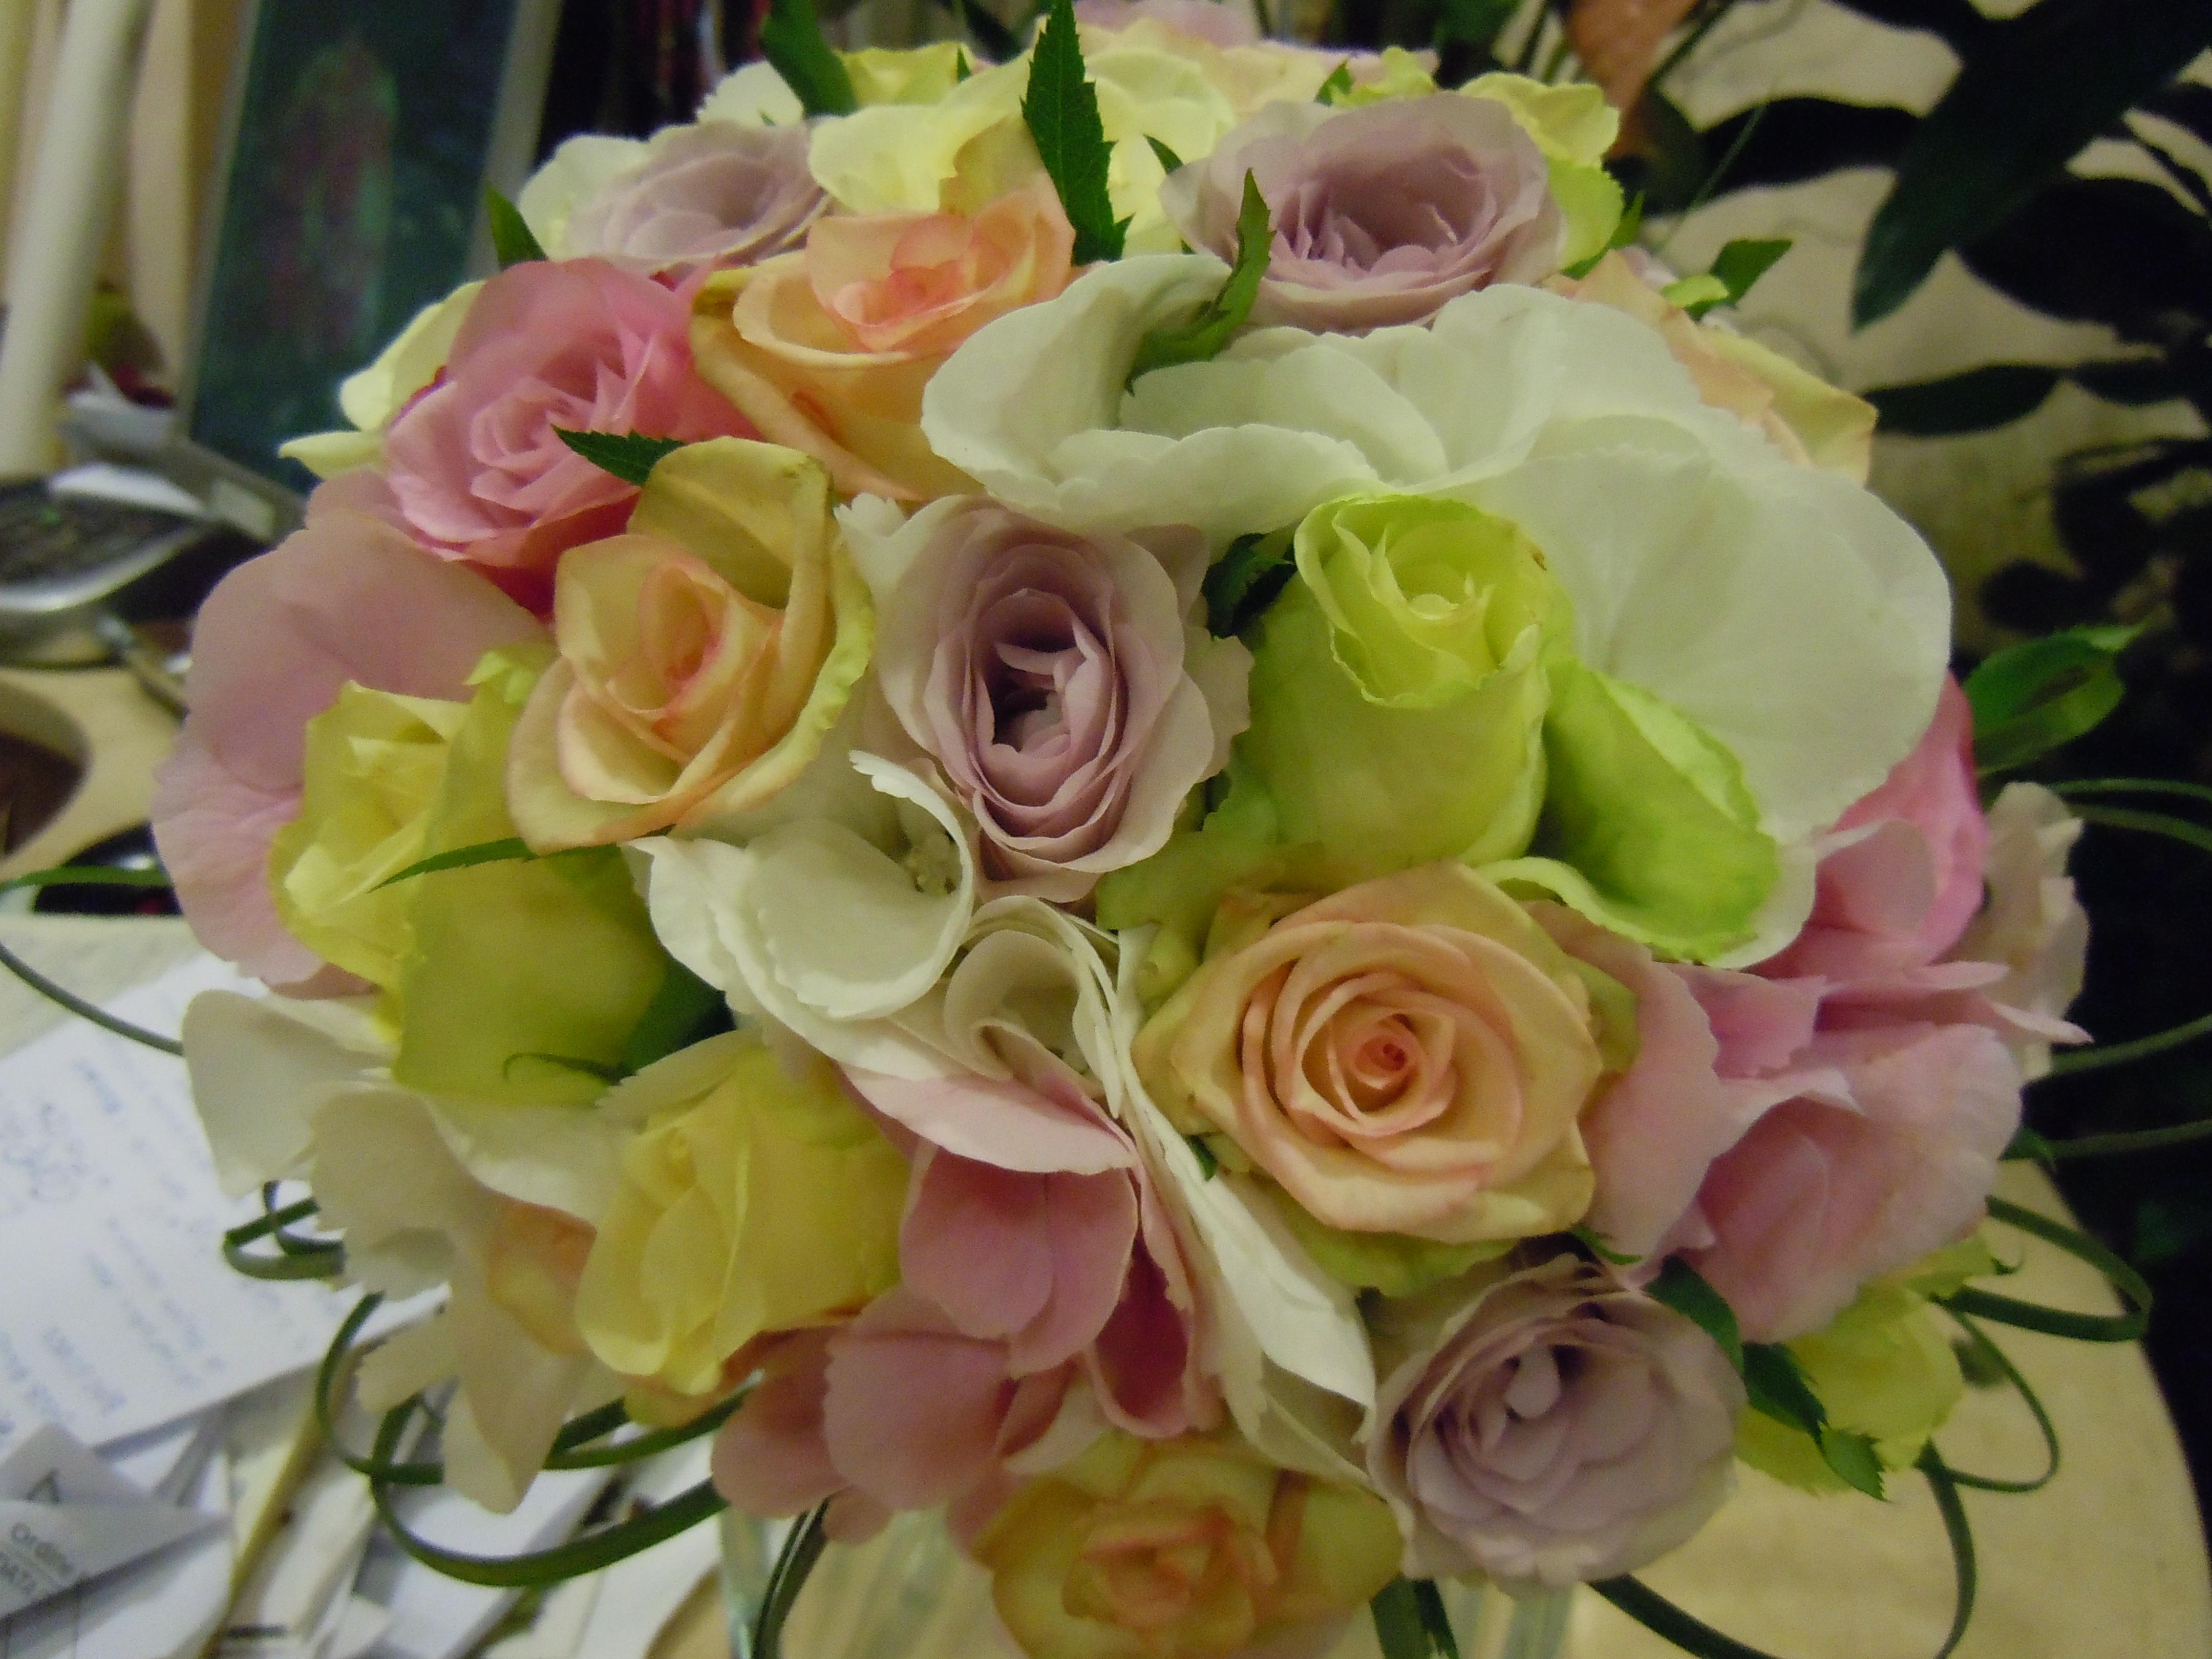 Fiori Ortensie Bianche : Elisabetta fiori e piante bouquet con ortensie rosa